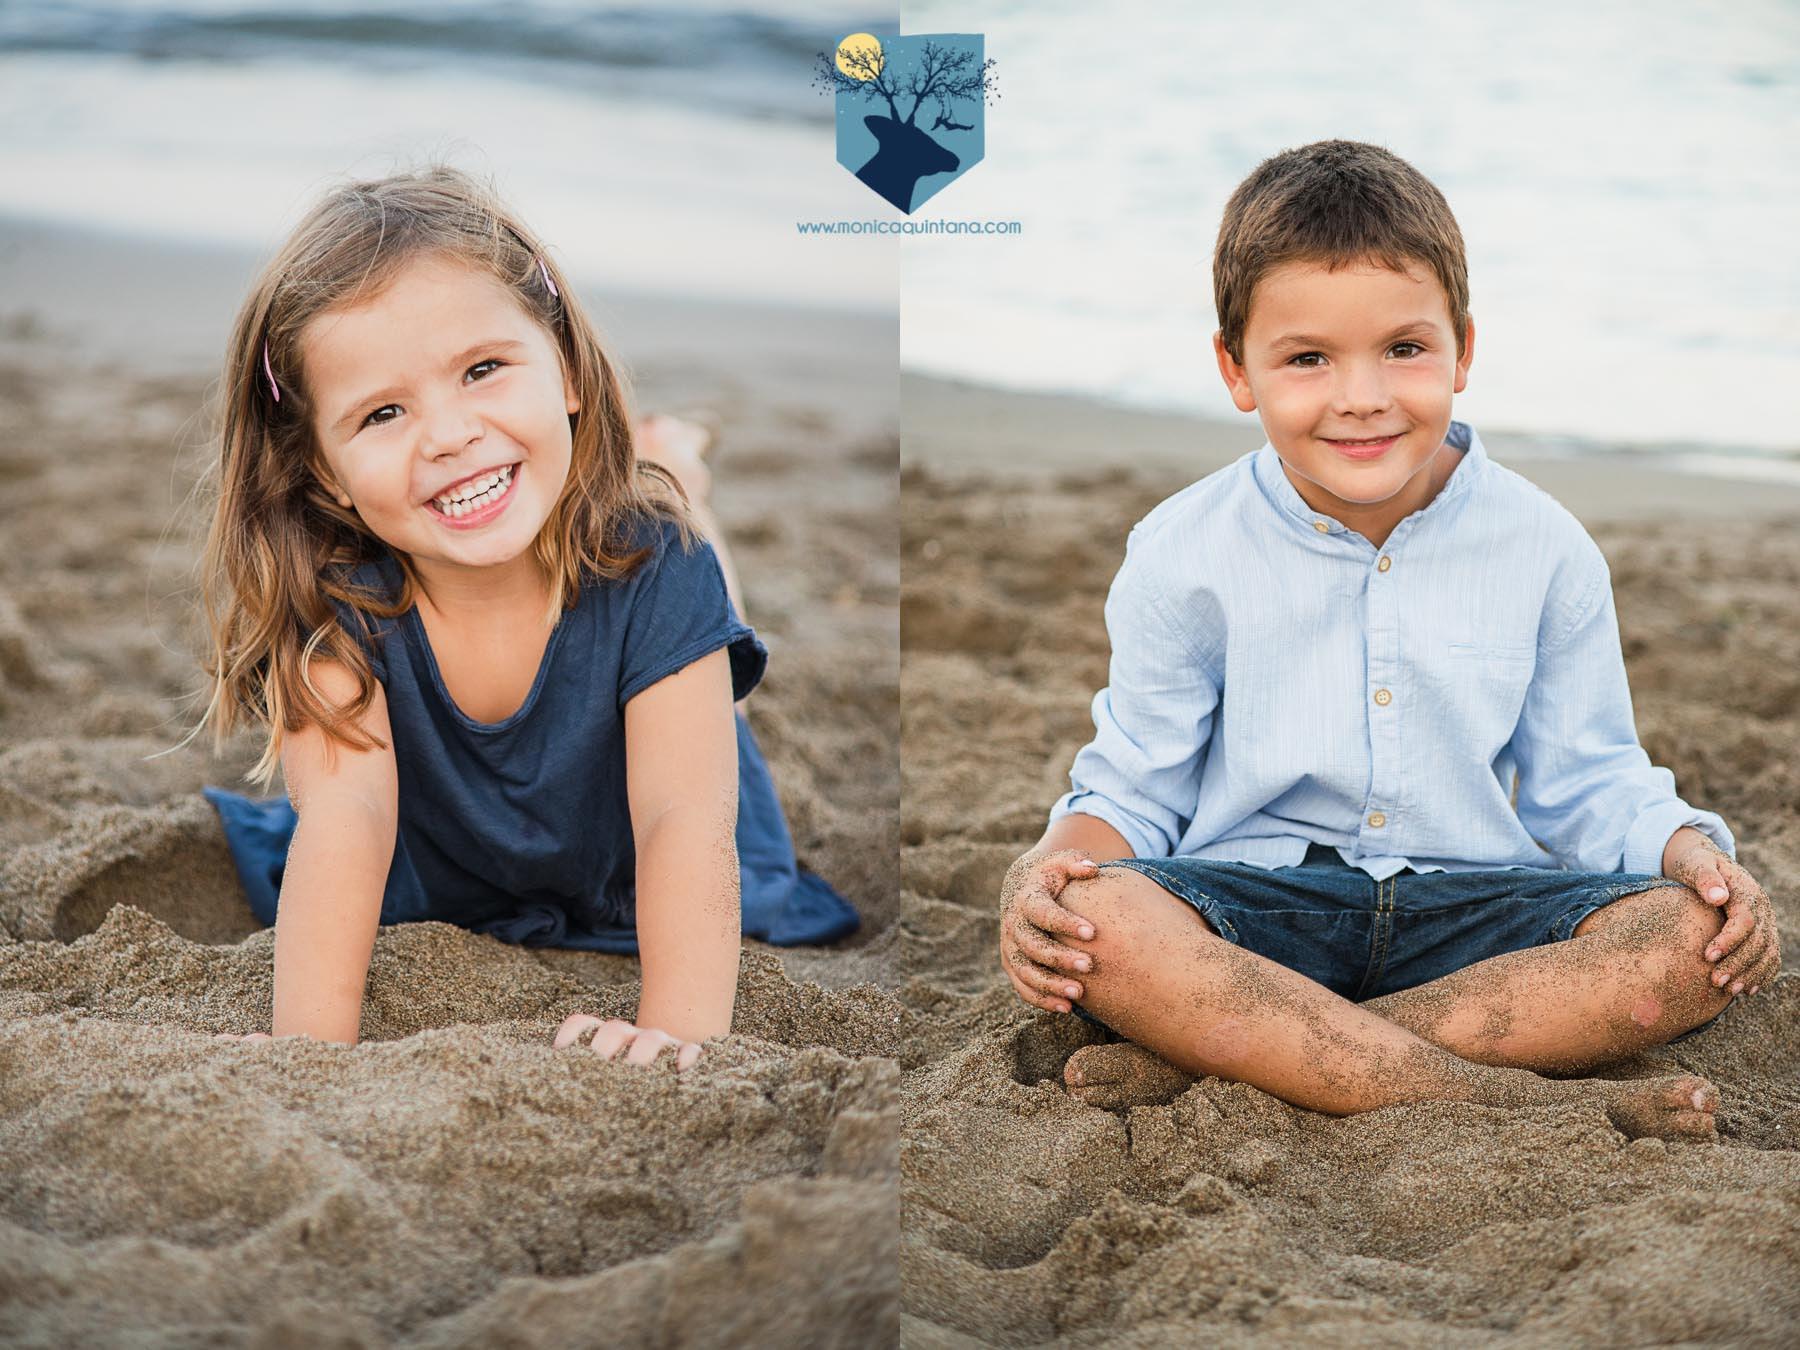 fotografia, fotos, girona, figueres, emporda, monica quintana, niños, familia, retrato, hermanos, naturaleza, exterior, playa, escala,